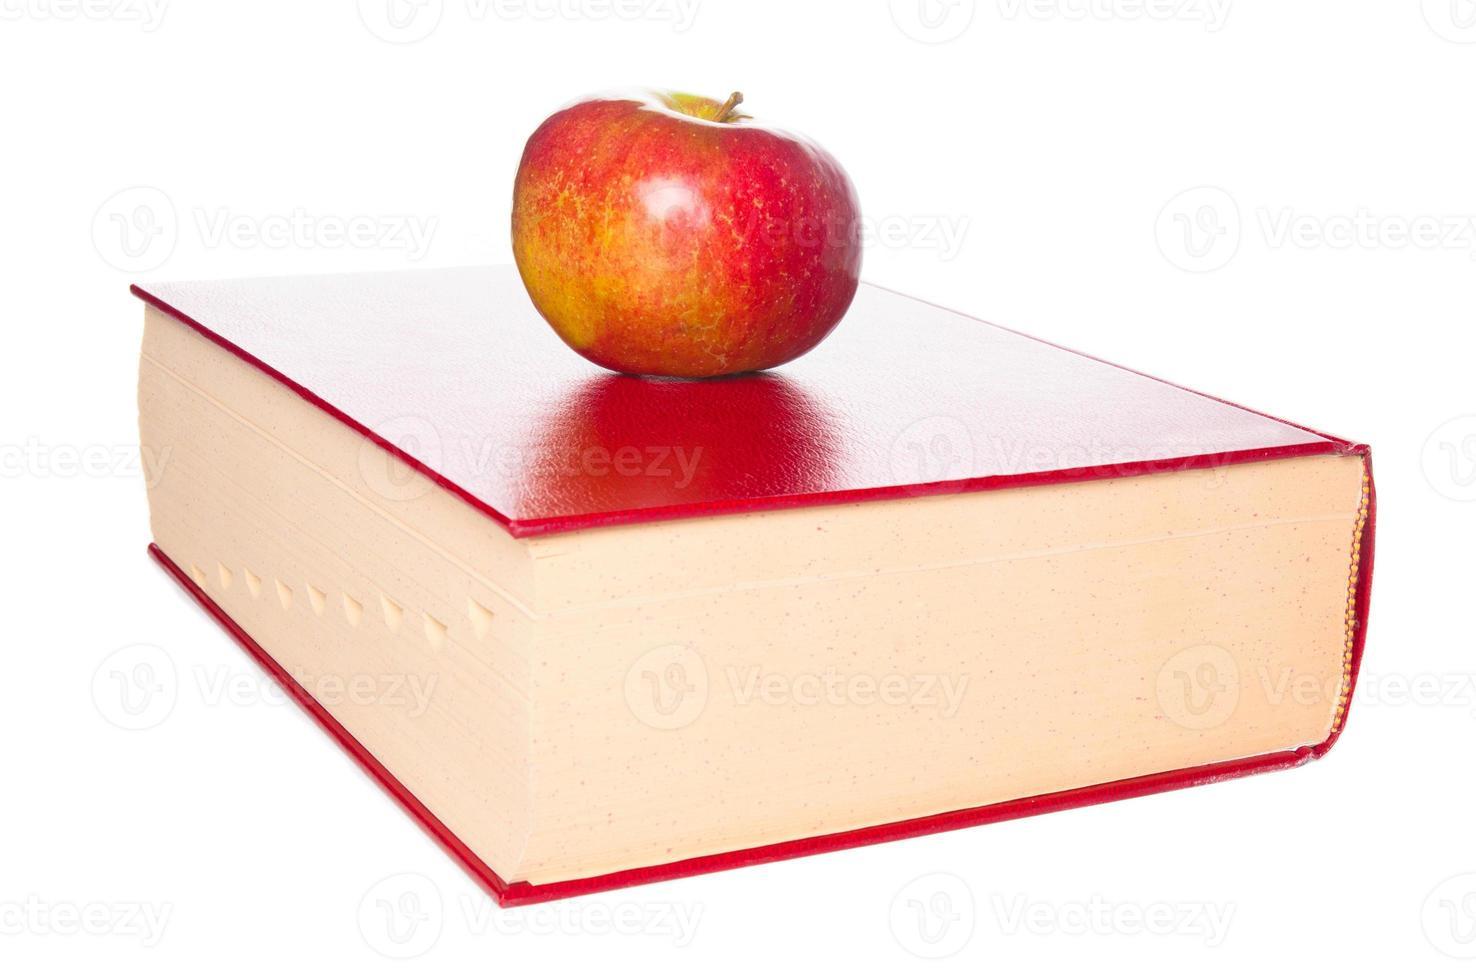 Dictionnaire et apple closeup sur fond blanc photo